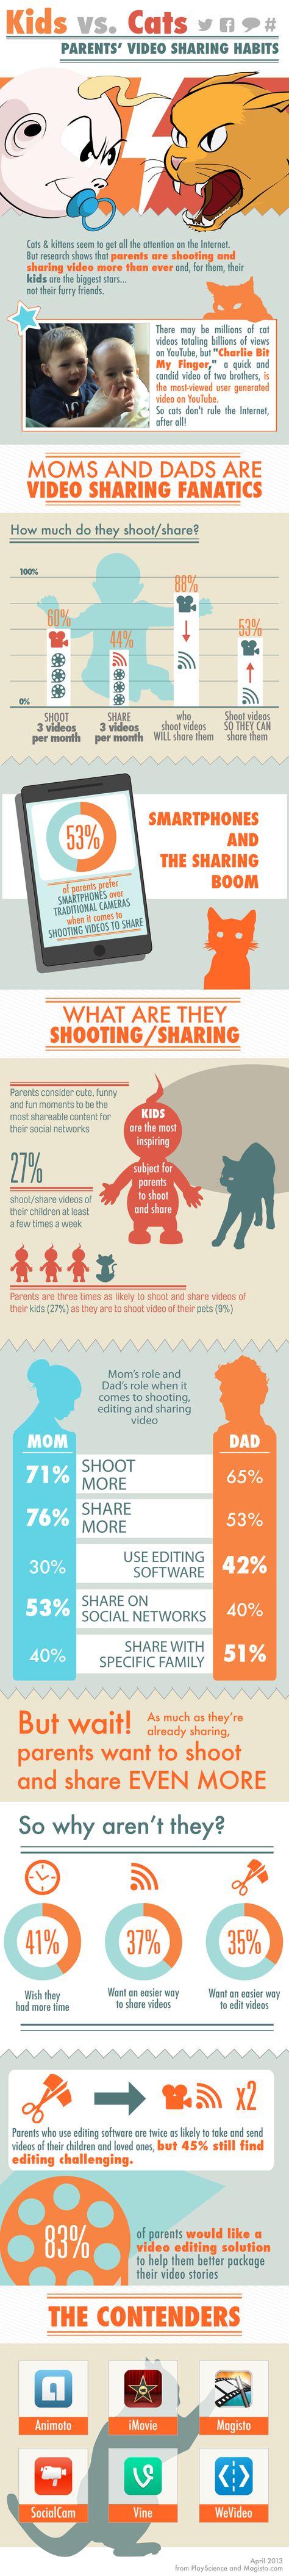 Kids vs. Cats: Parents' Video Sharing Habits